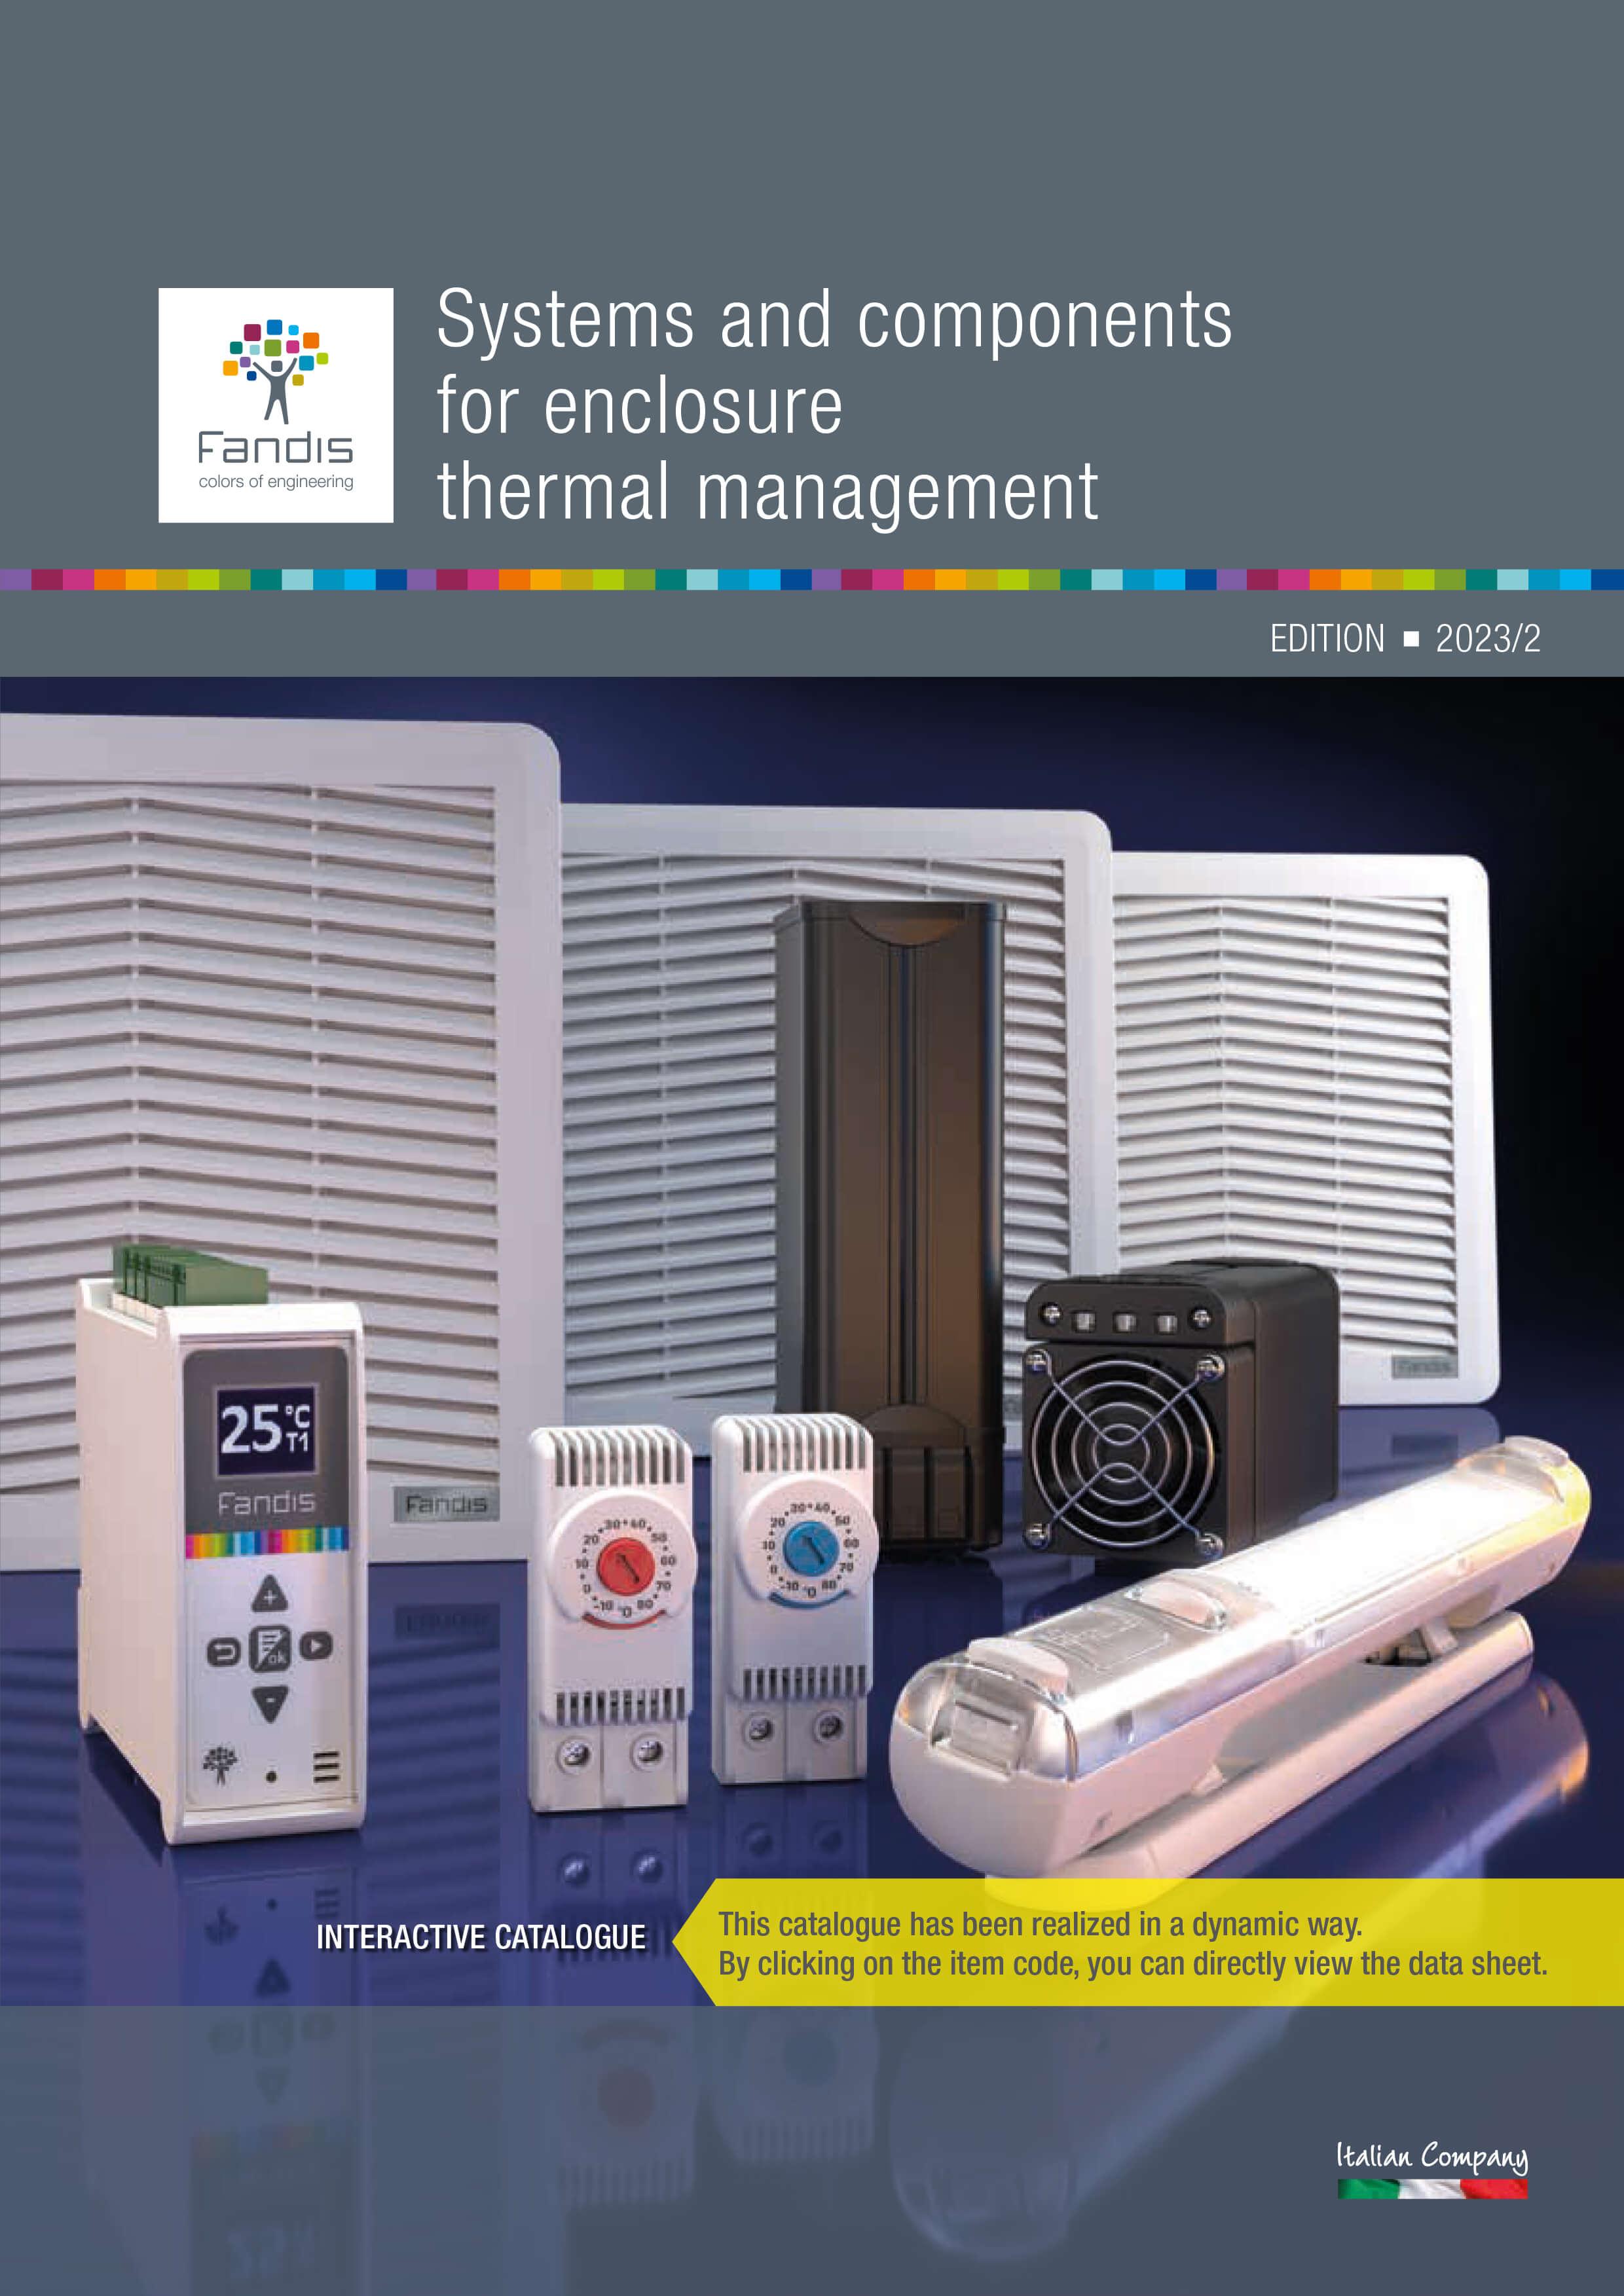 010 Interactive catalogue Thermal A&E